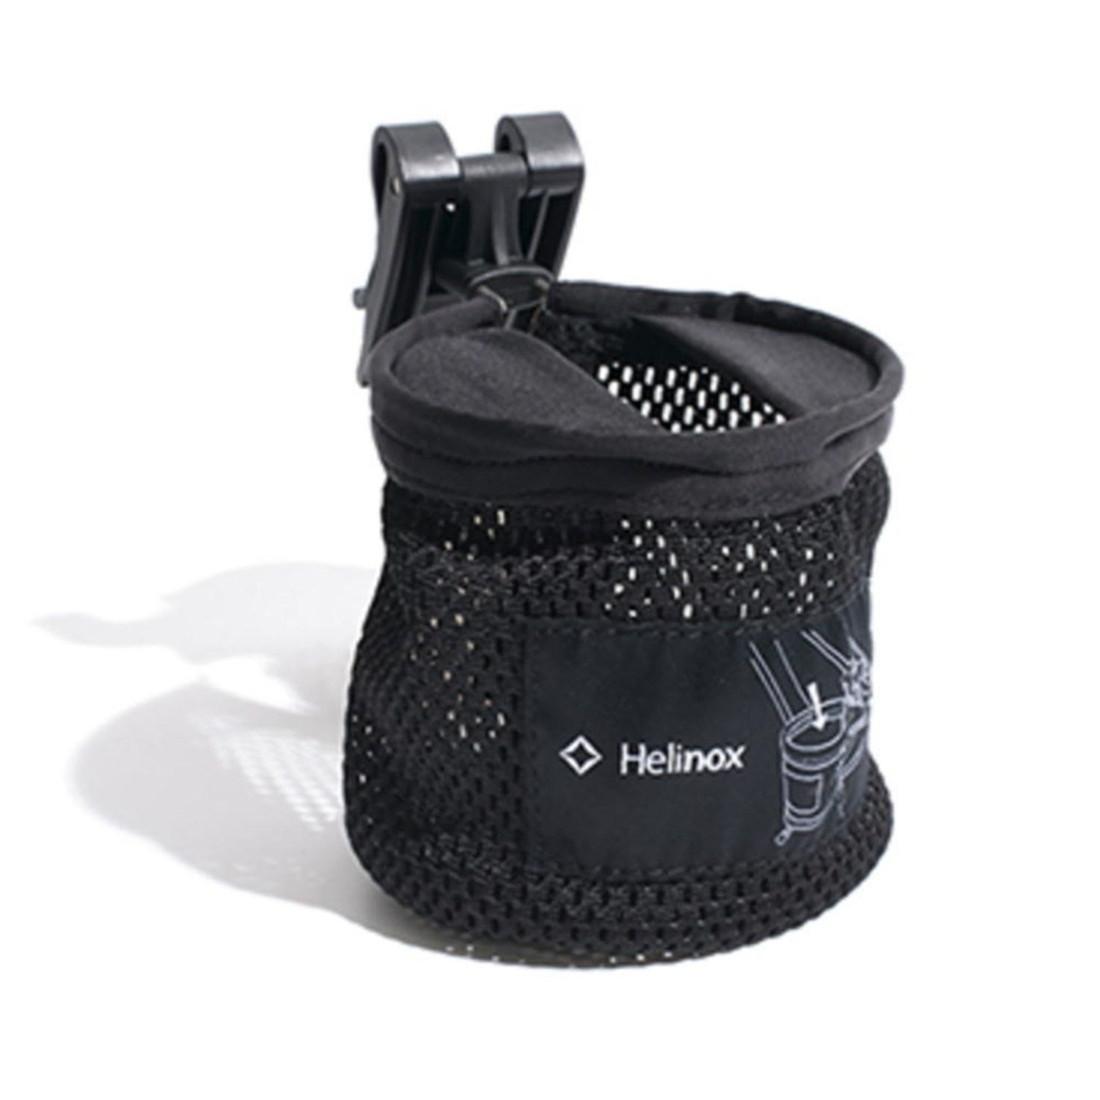 ヘリノックス カップホルダー チェアオプションチェアー  国内正規品